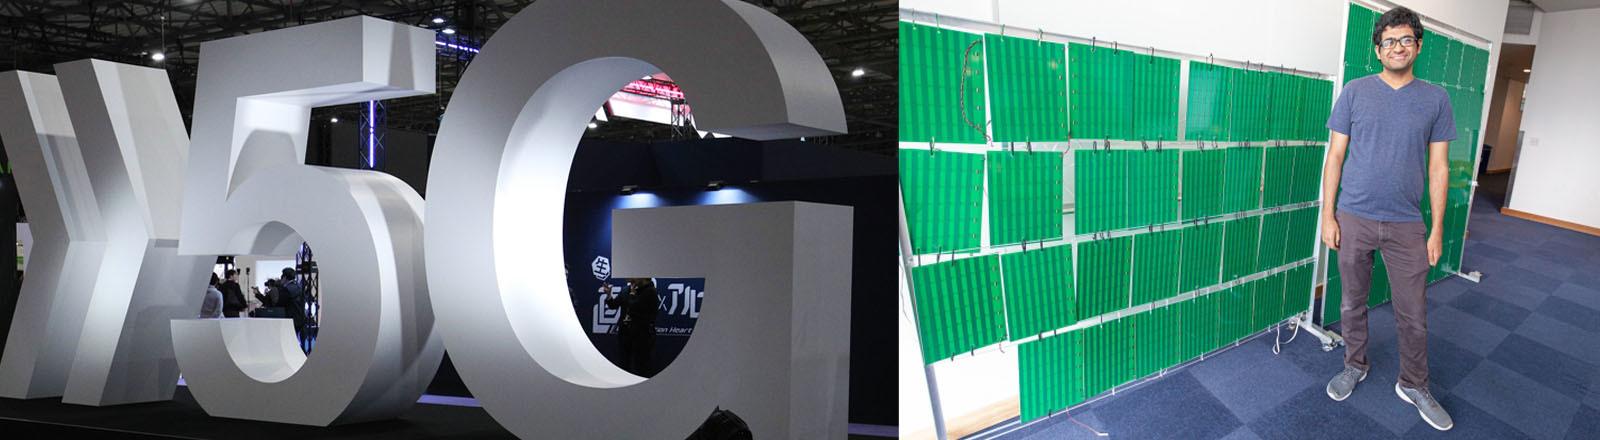 """5G-Modell auf der Ausstellung """"Docomo Open House 2020"""" in Tokio / Material RFocus am MIT"""